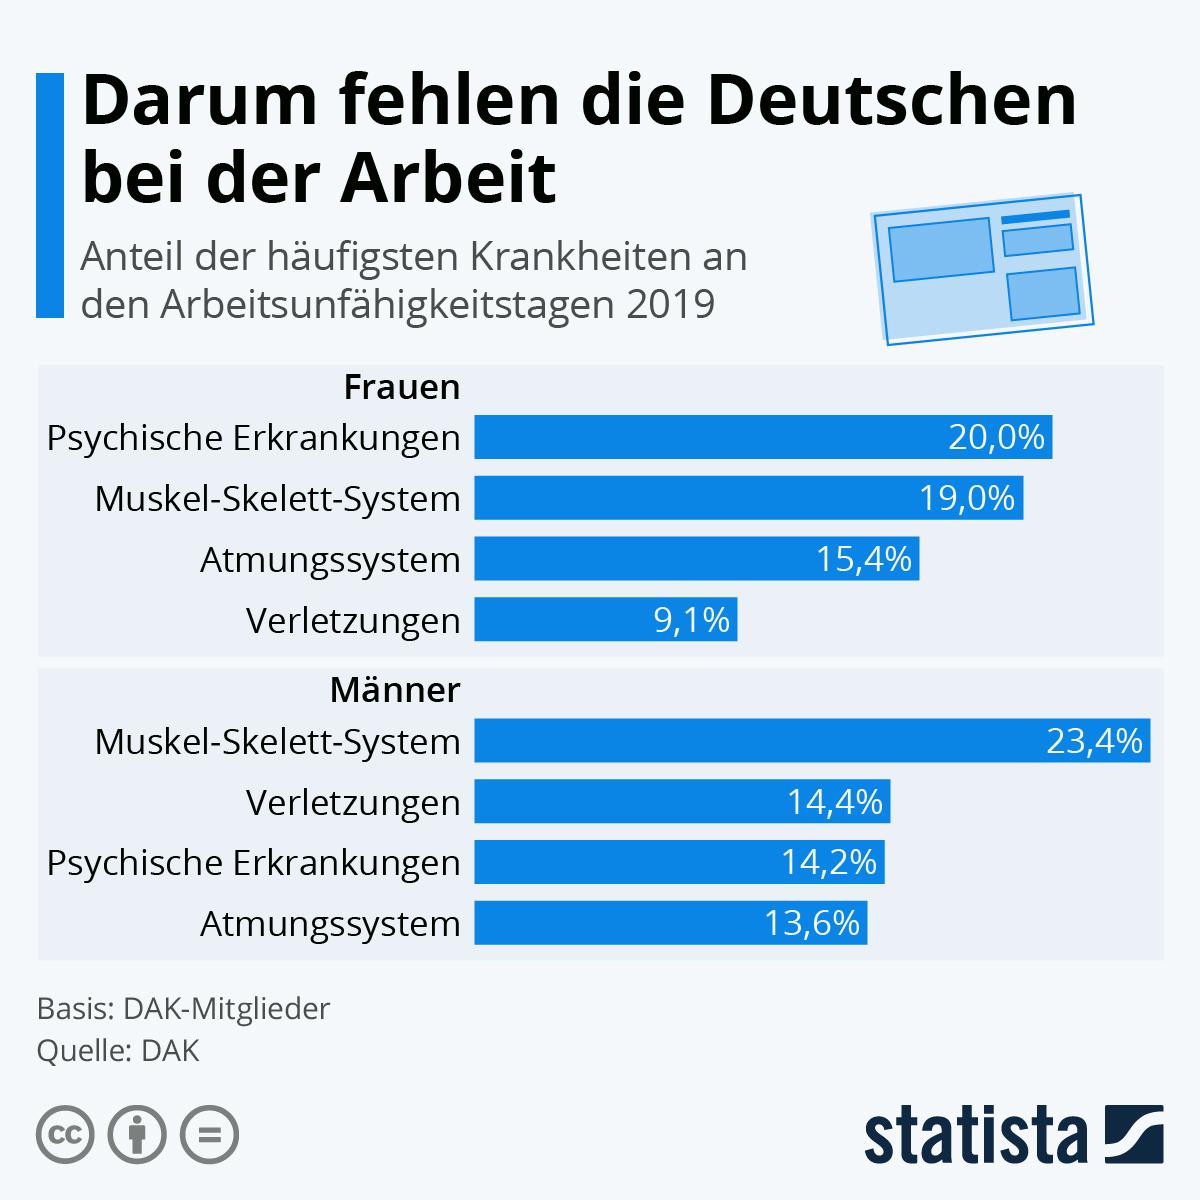 Darum fehlen deutsche Arbeitnehmer | Statista